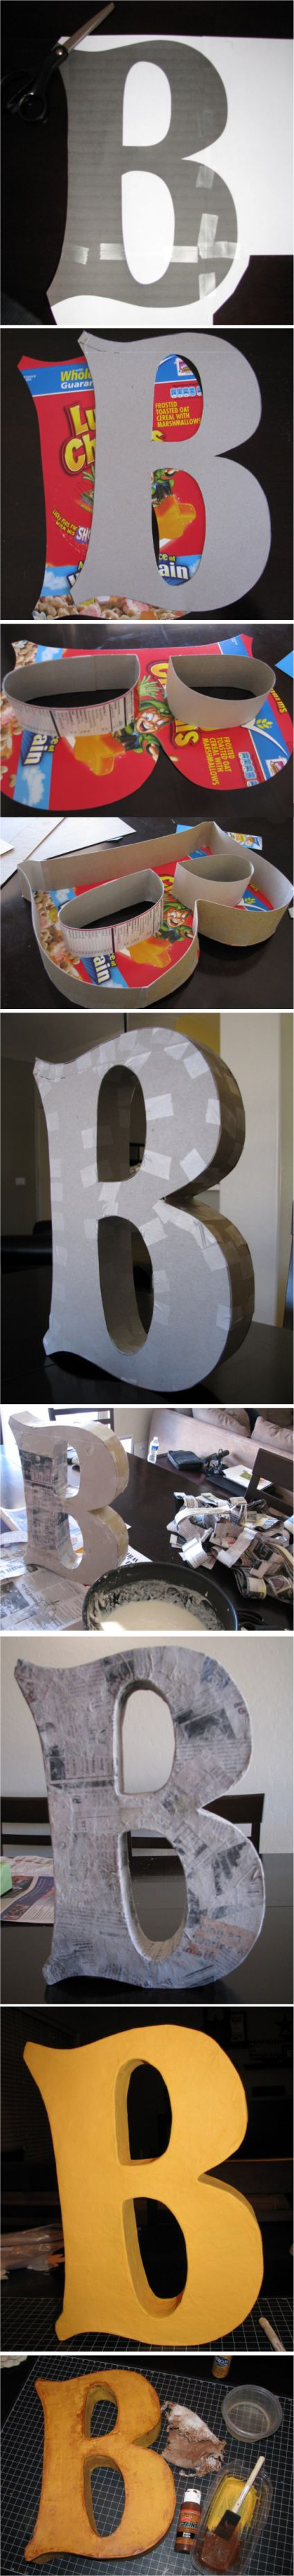 Lettere in cartone fai da te per decorare casa! 15 idee